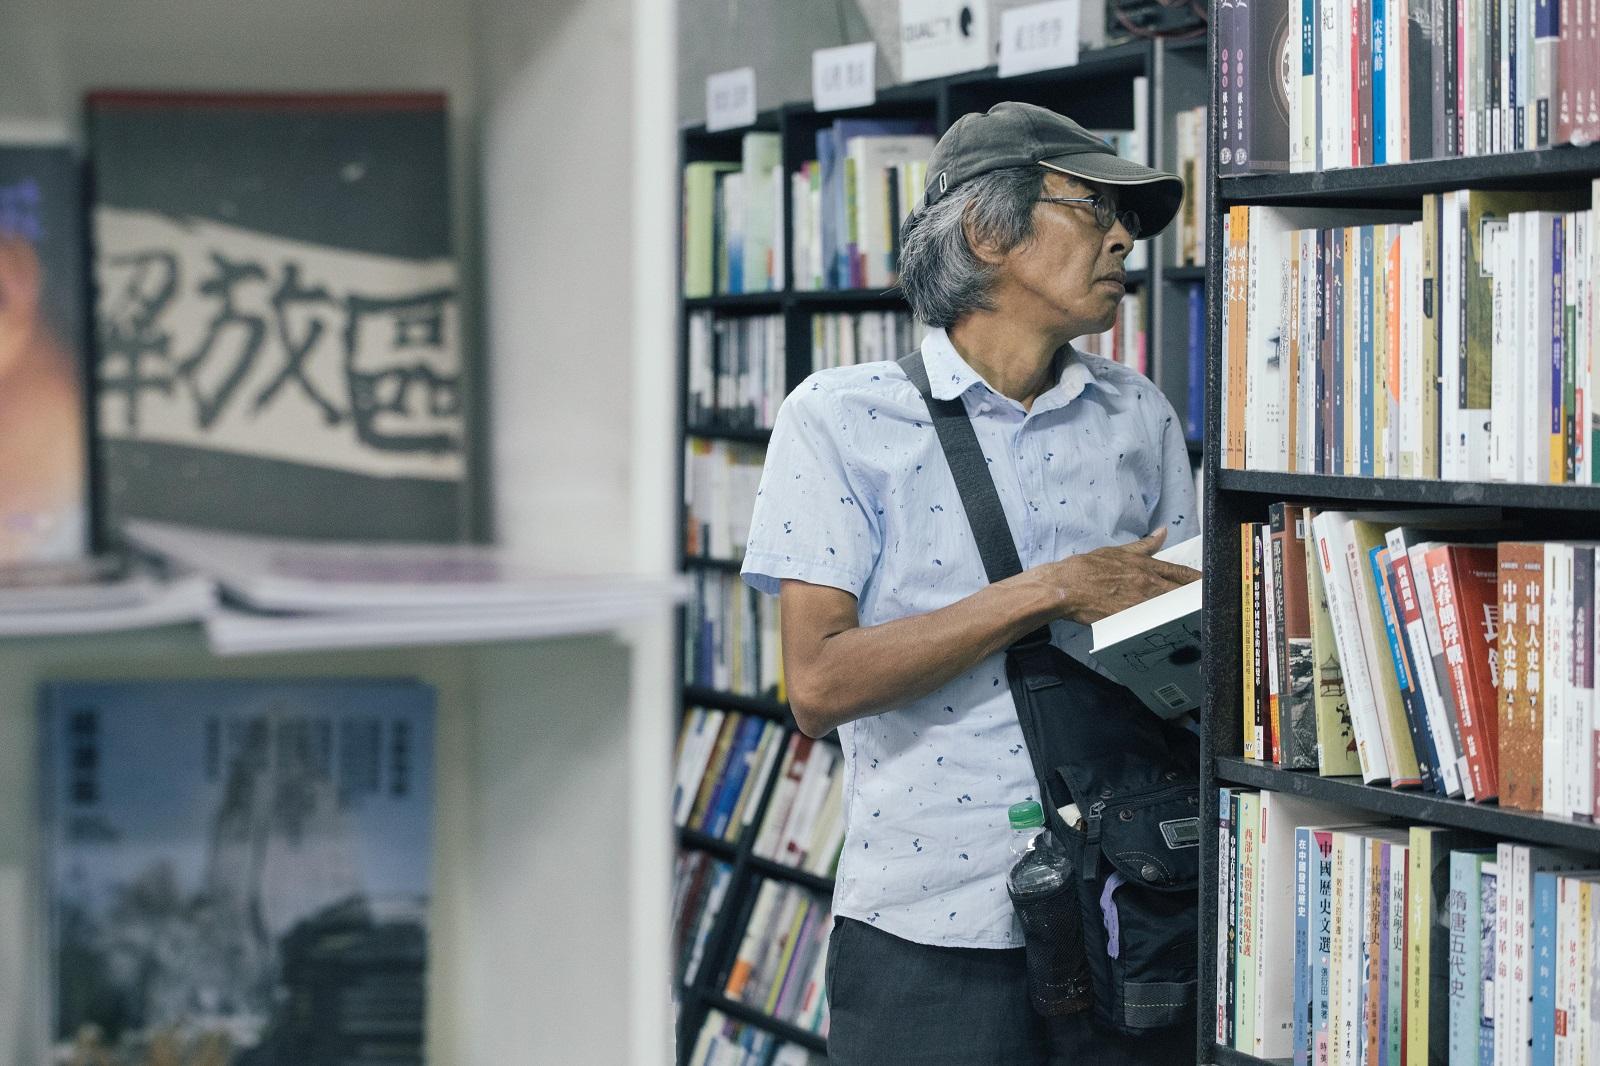 銅鑼灣書店落腳中山區!林榮基籲1/11日台灣人必投票 「別讓自由的生活有被迫終止的一天」